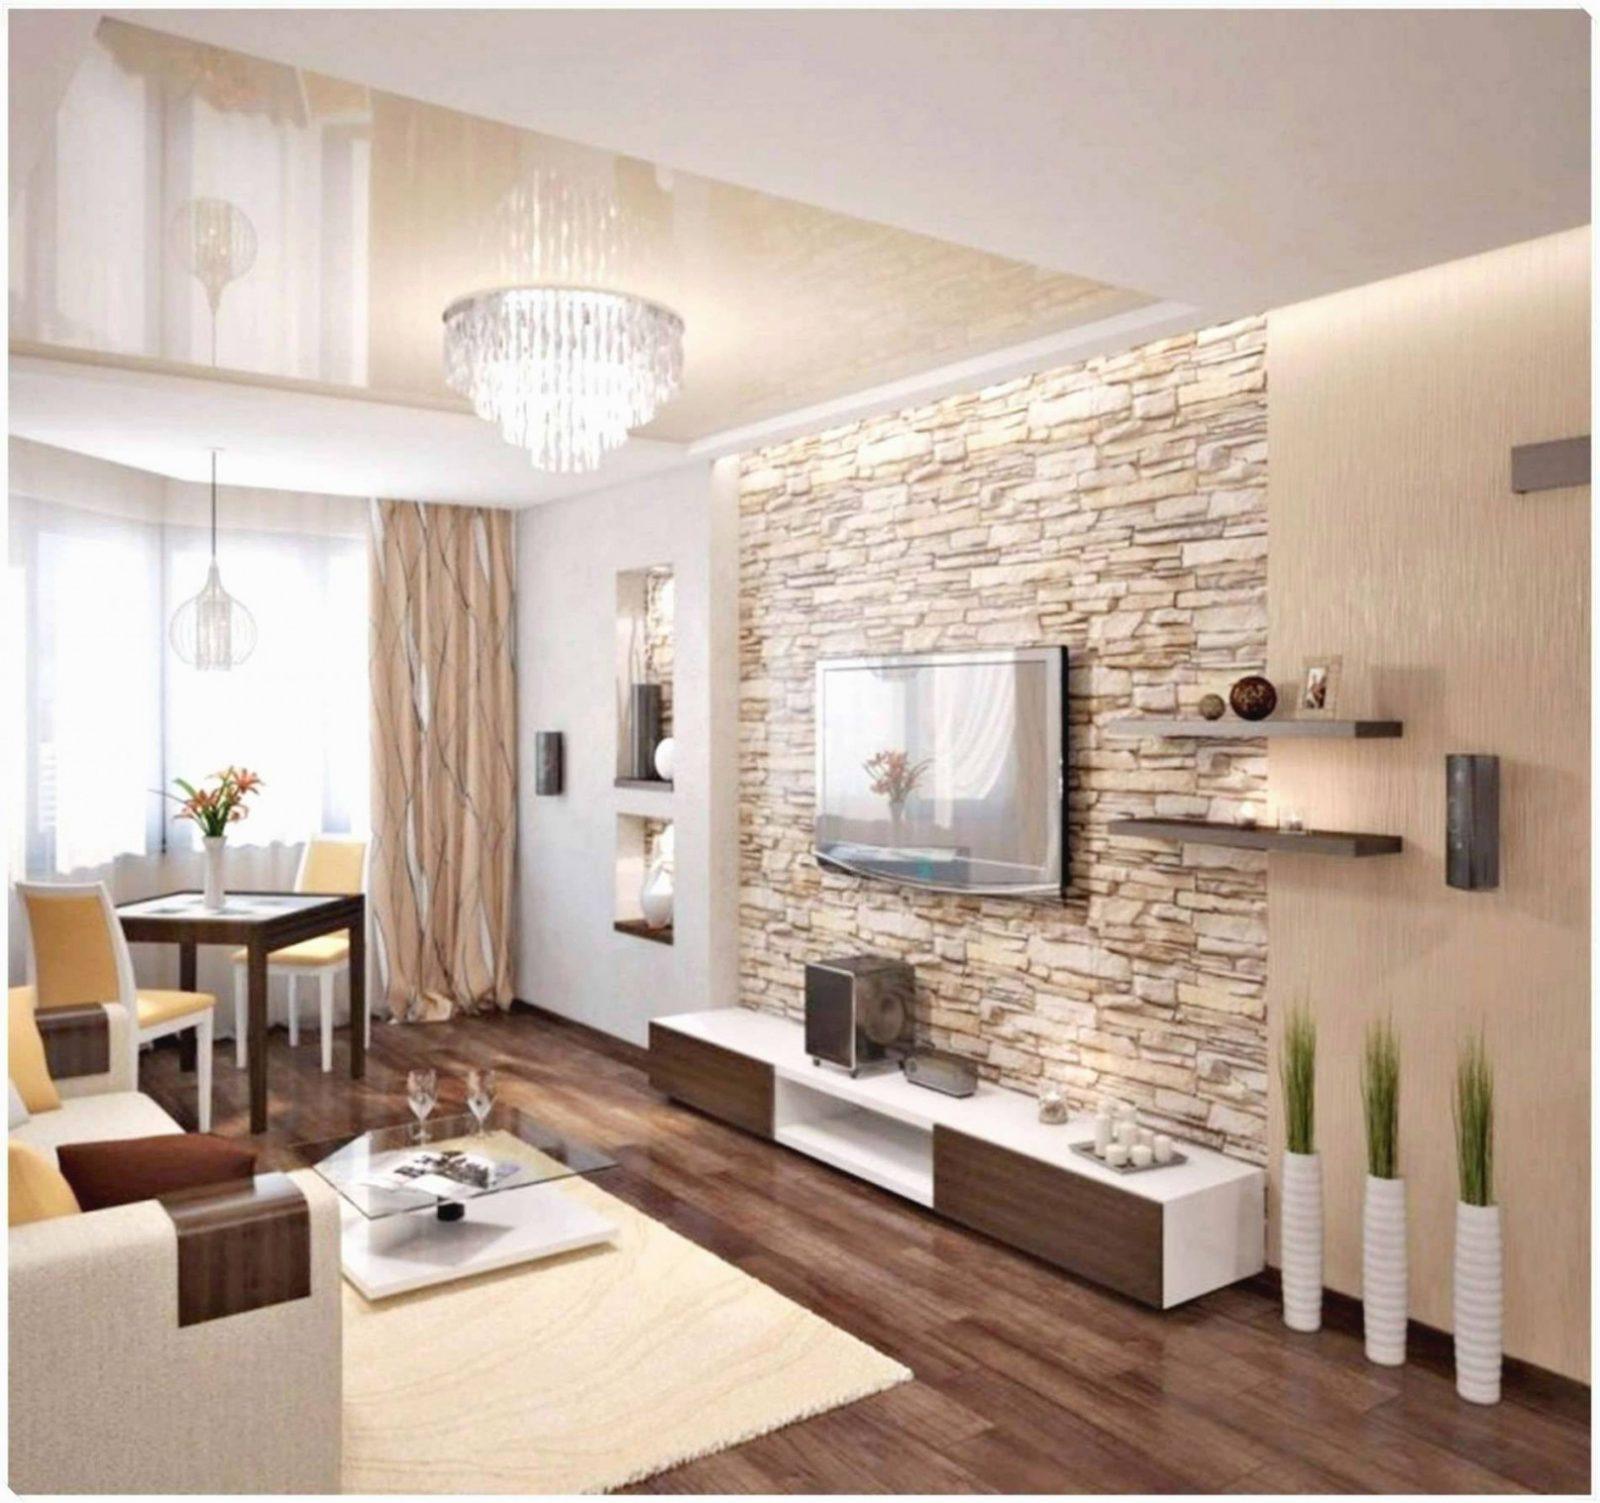 Gold Wohnzimmer Deko Fresh Wohnzimmer Wand Dekorieren von Dekoration Für Die Wand Photo